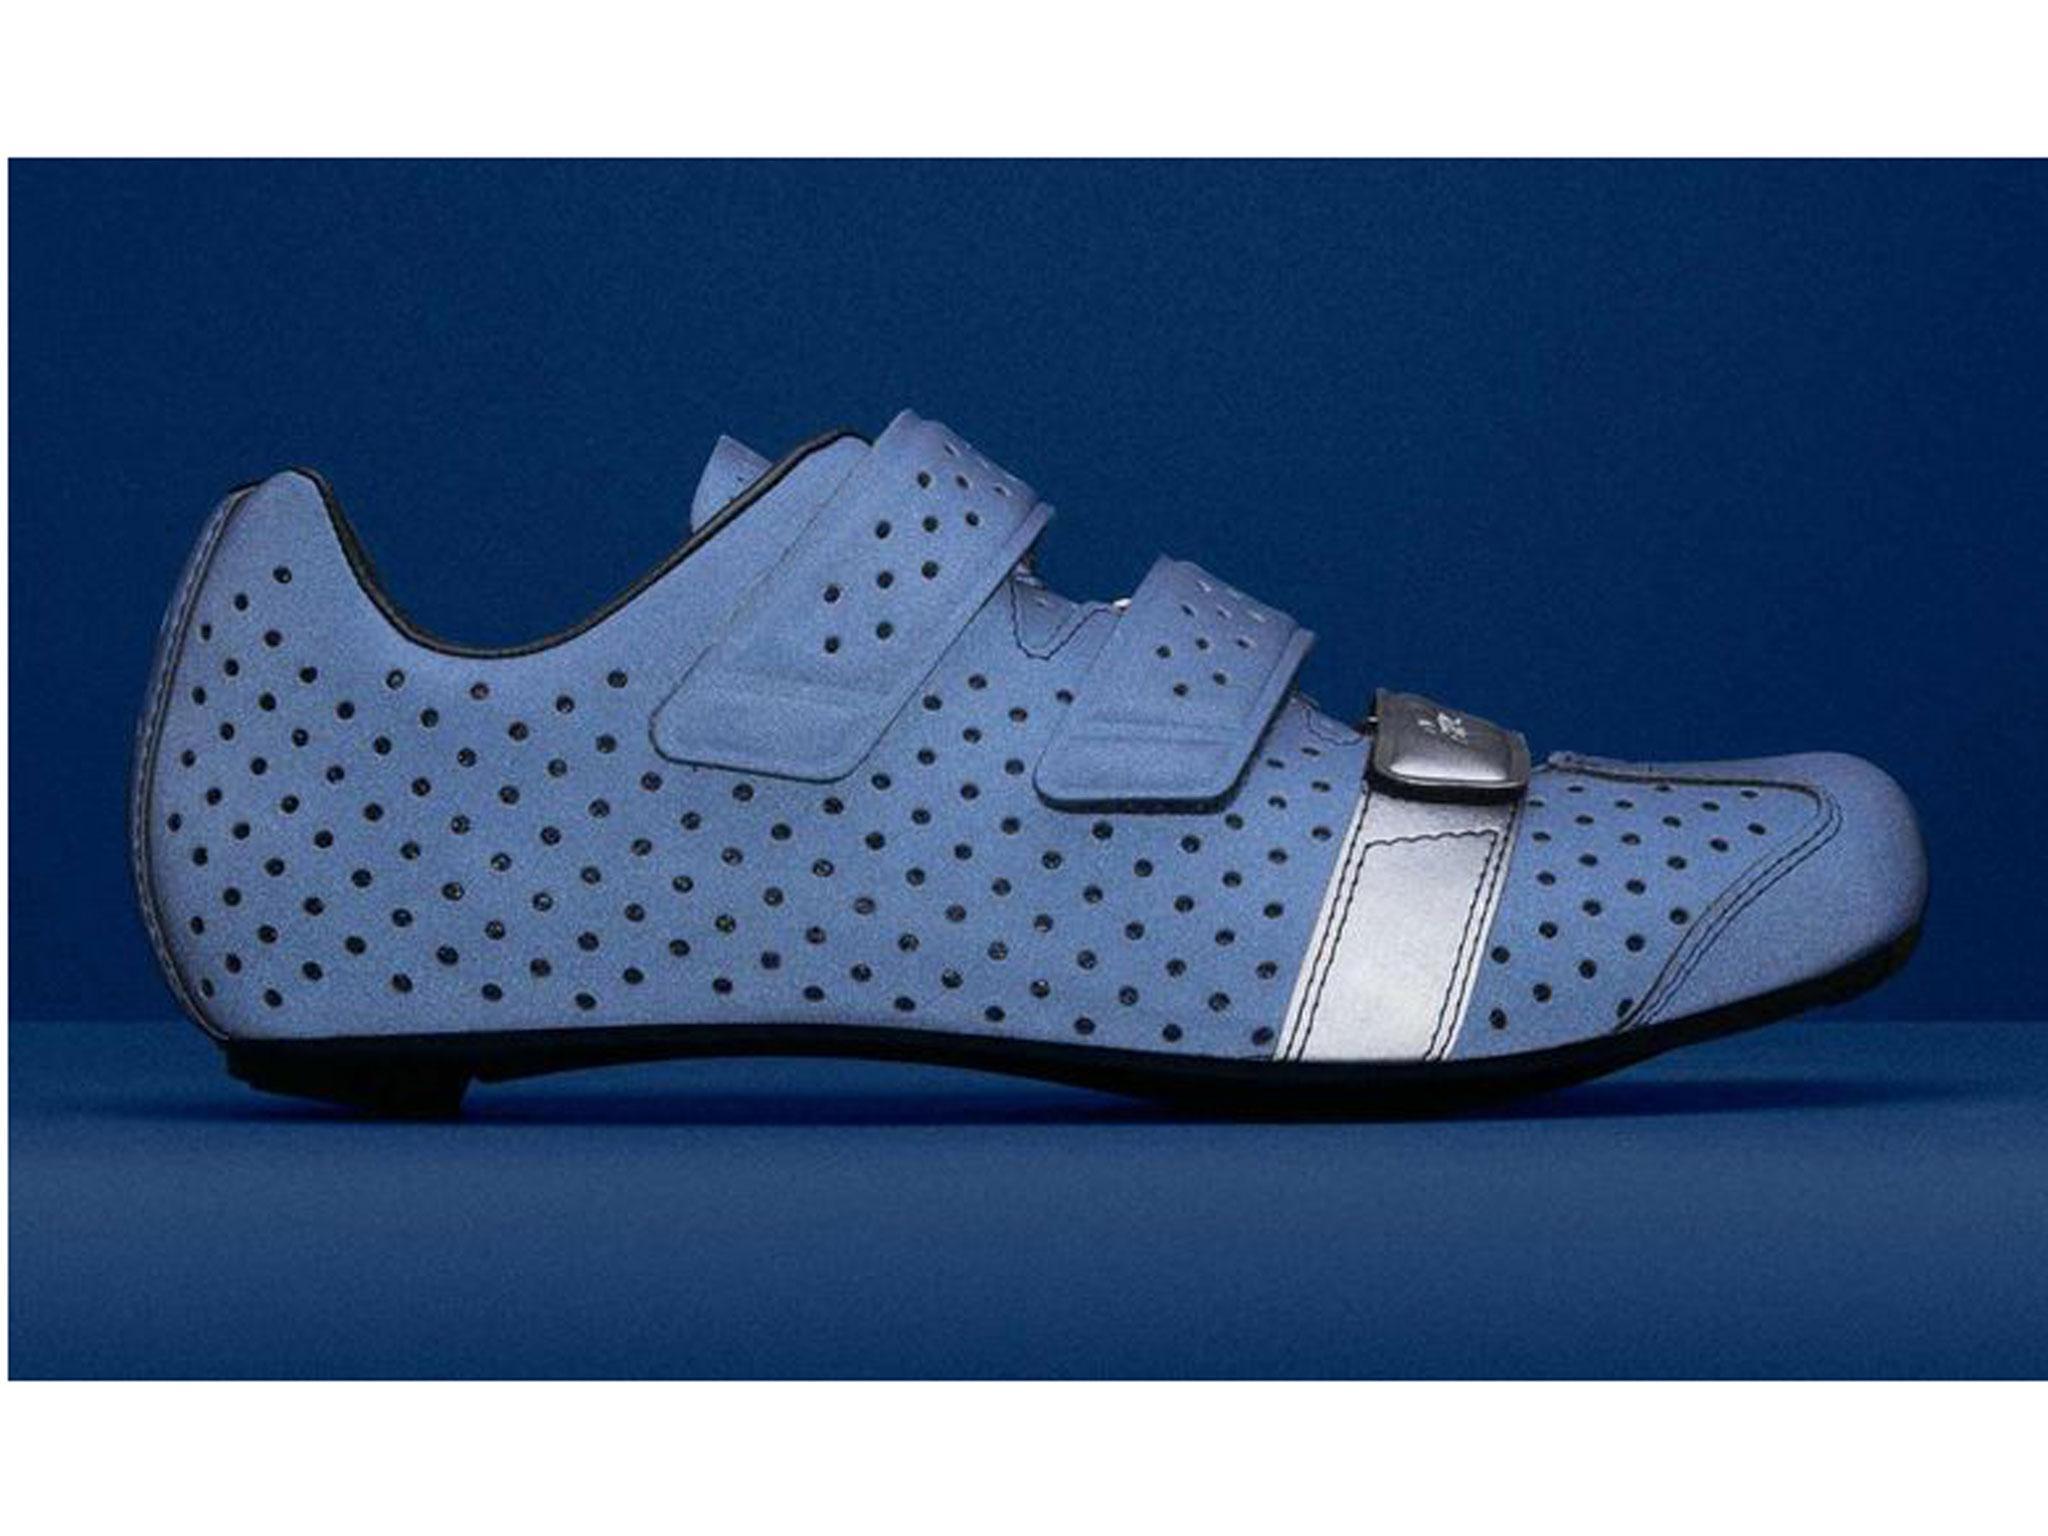 Rapha Reflective Climberu0027s Shoes 159 Rapha 9